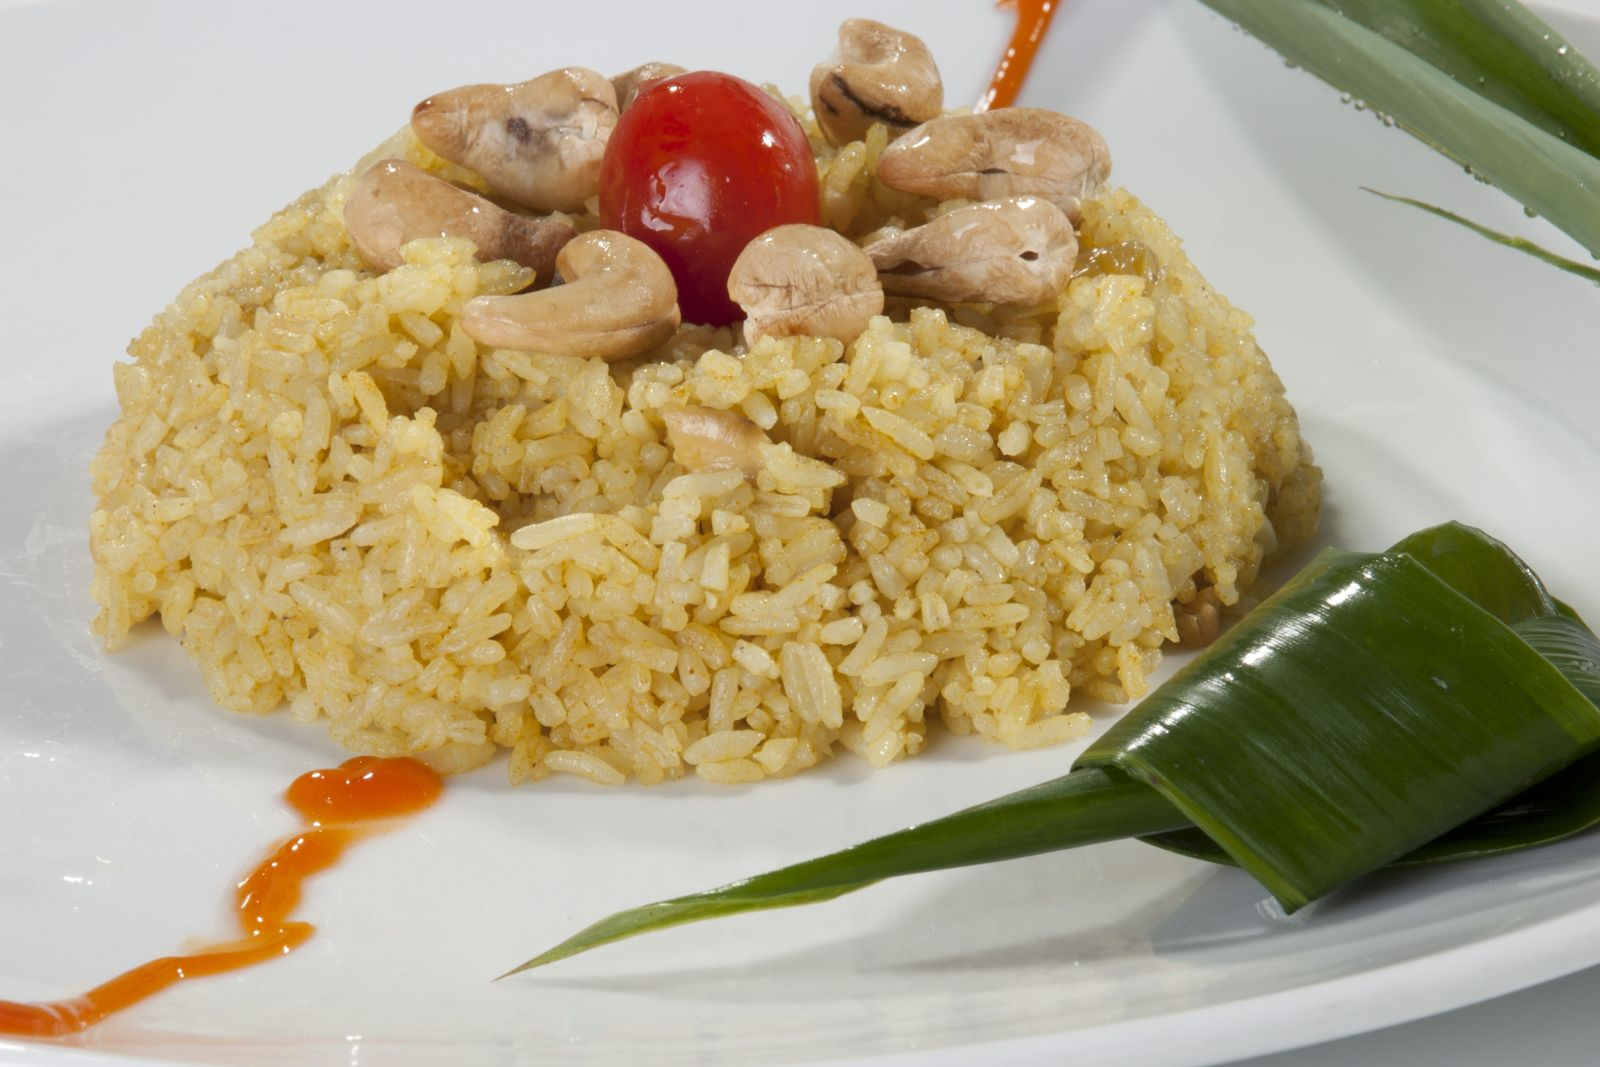 Đặc sản Cơm nị-cà púa An Giang (Ảnh: ST)